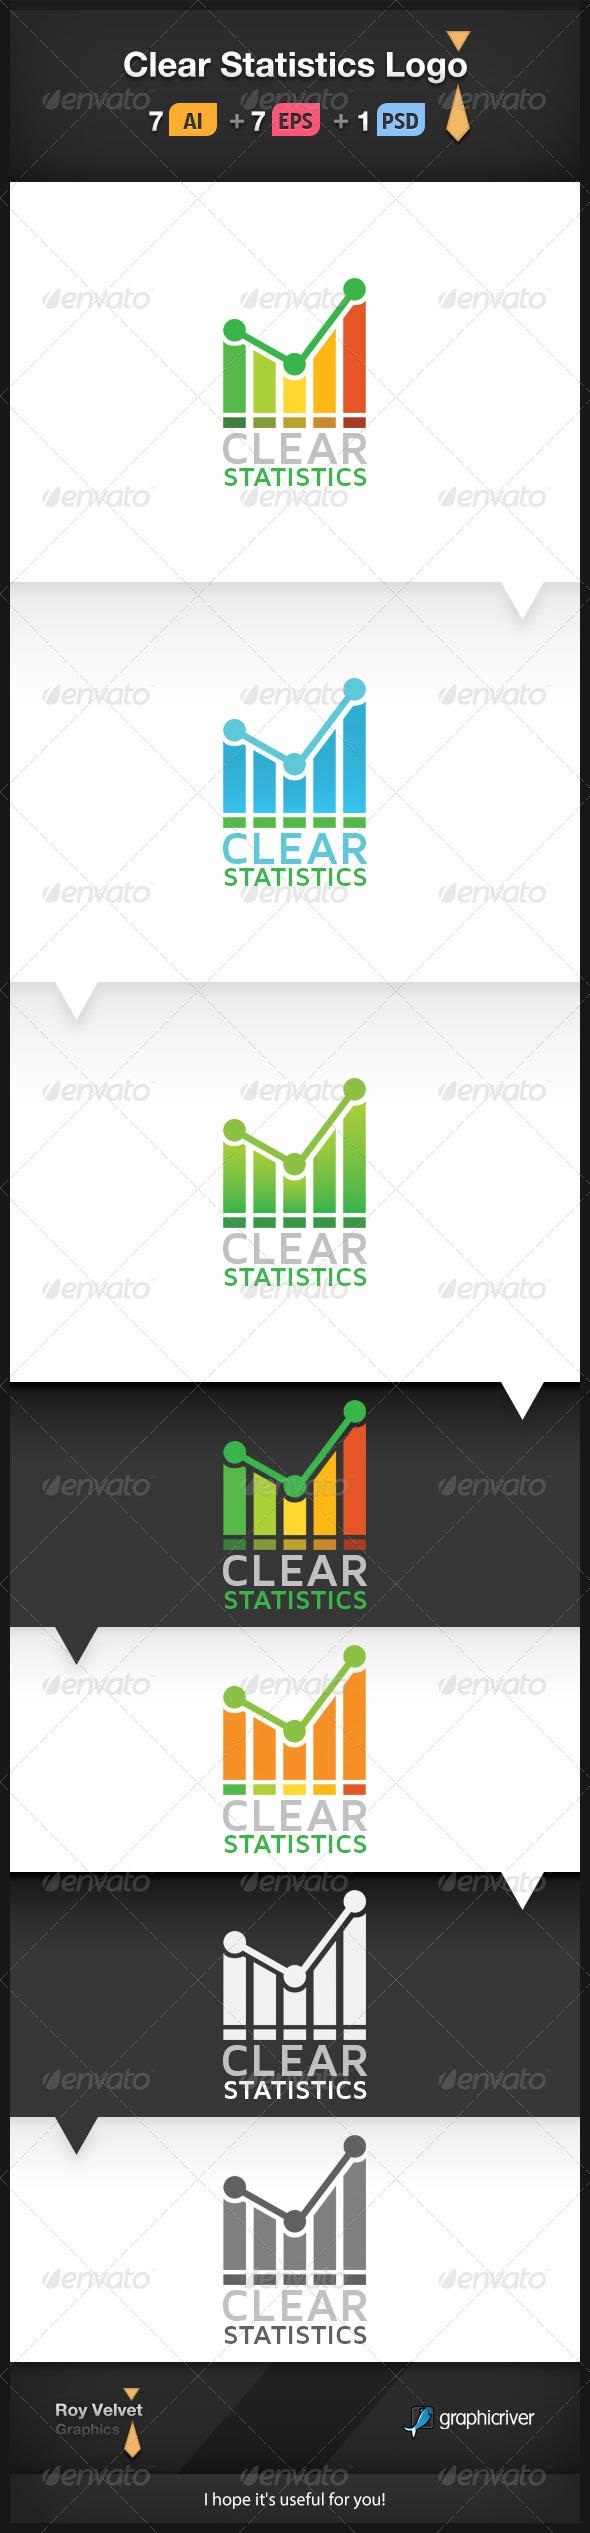 Clear Statistics Logo - Symbols Logo Templates